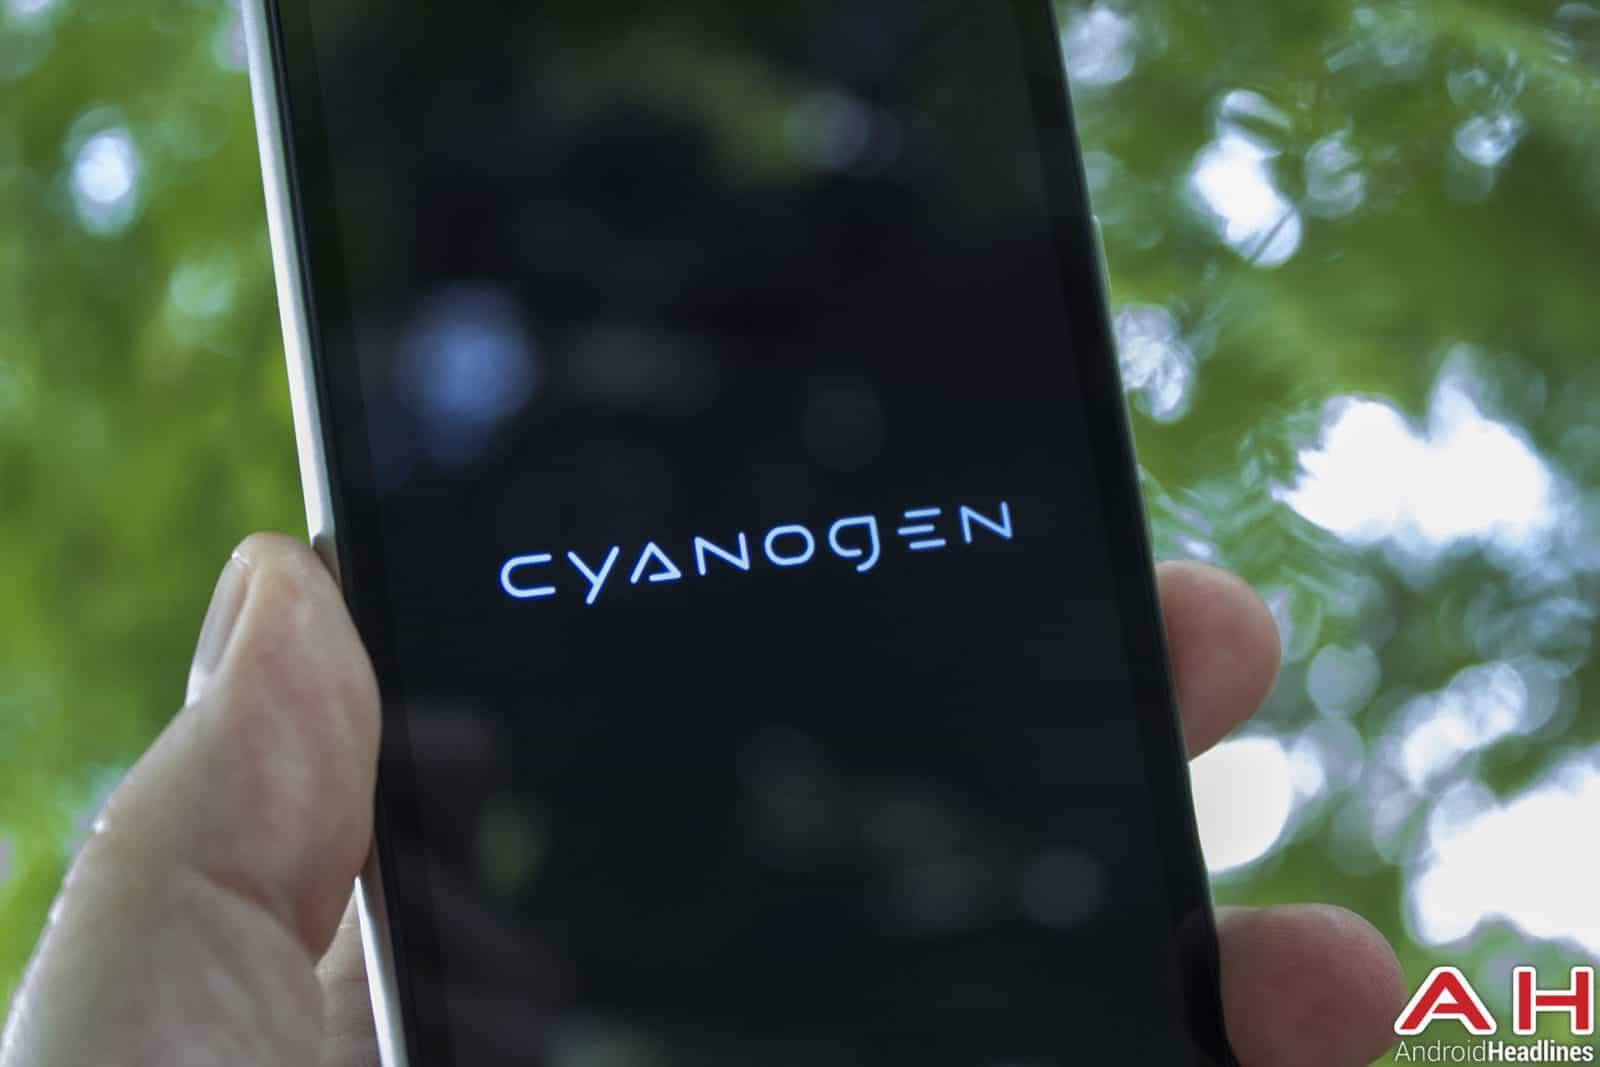 Yu-Yuphoria-AH-cyanogen-1